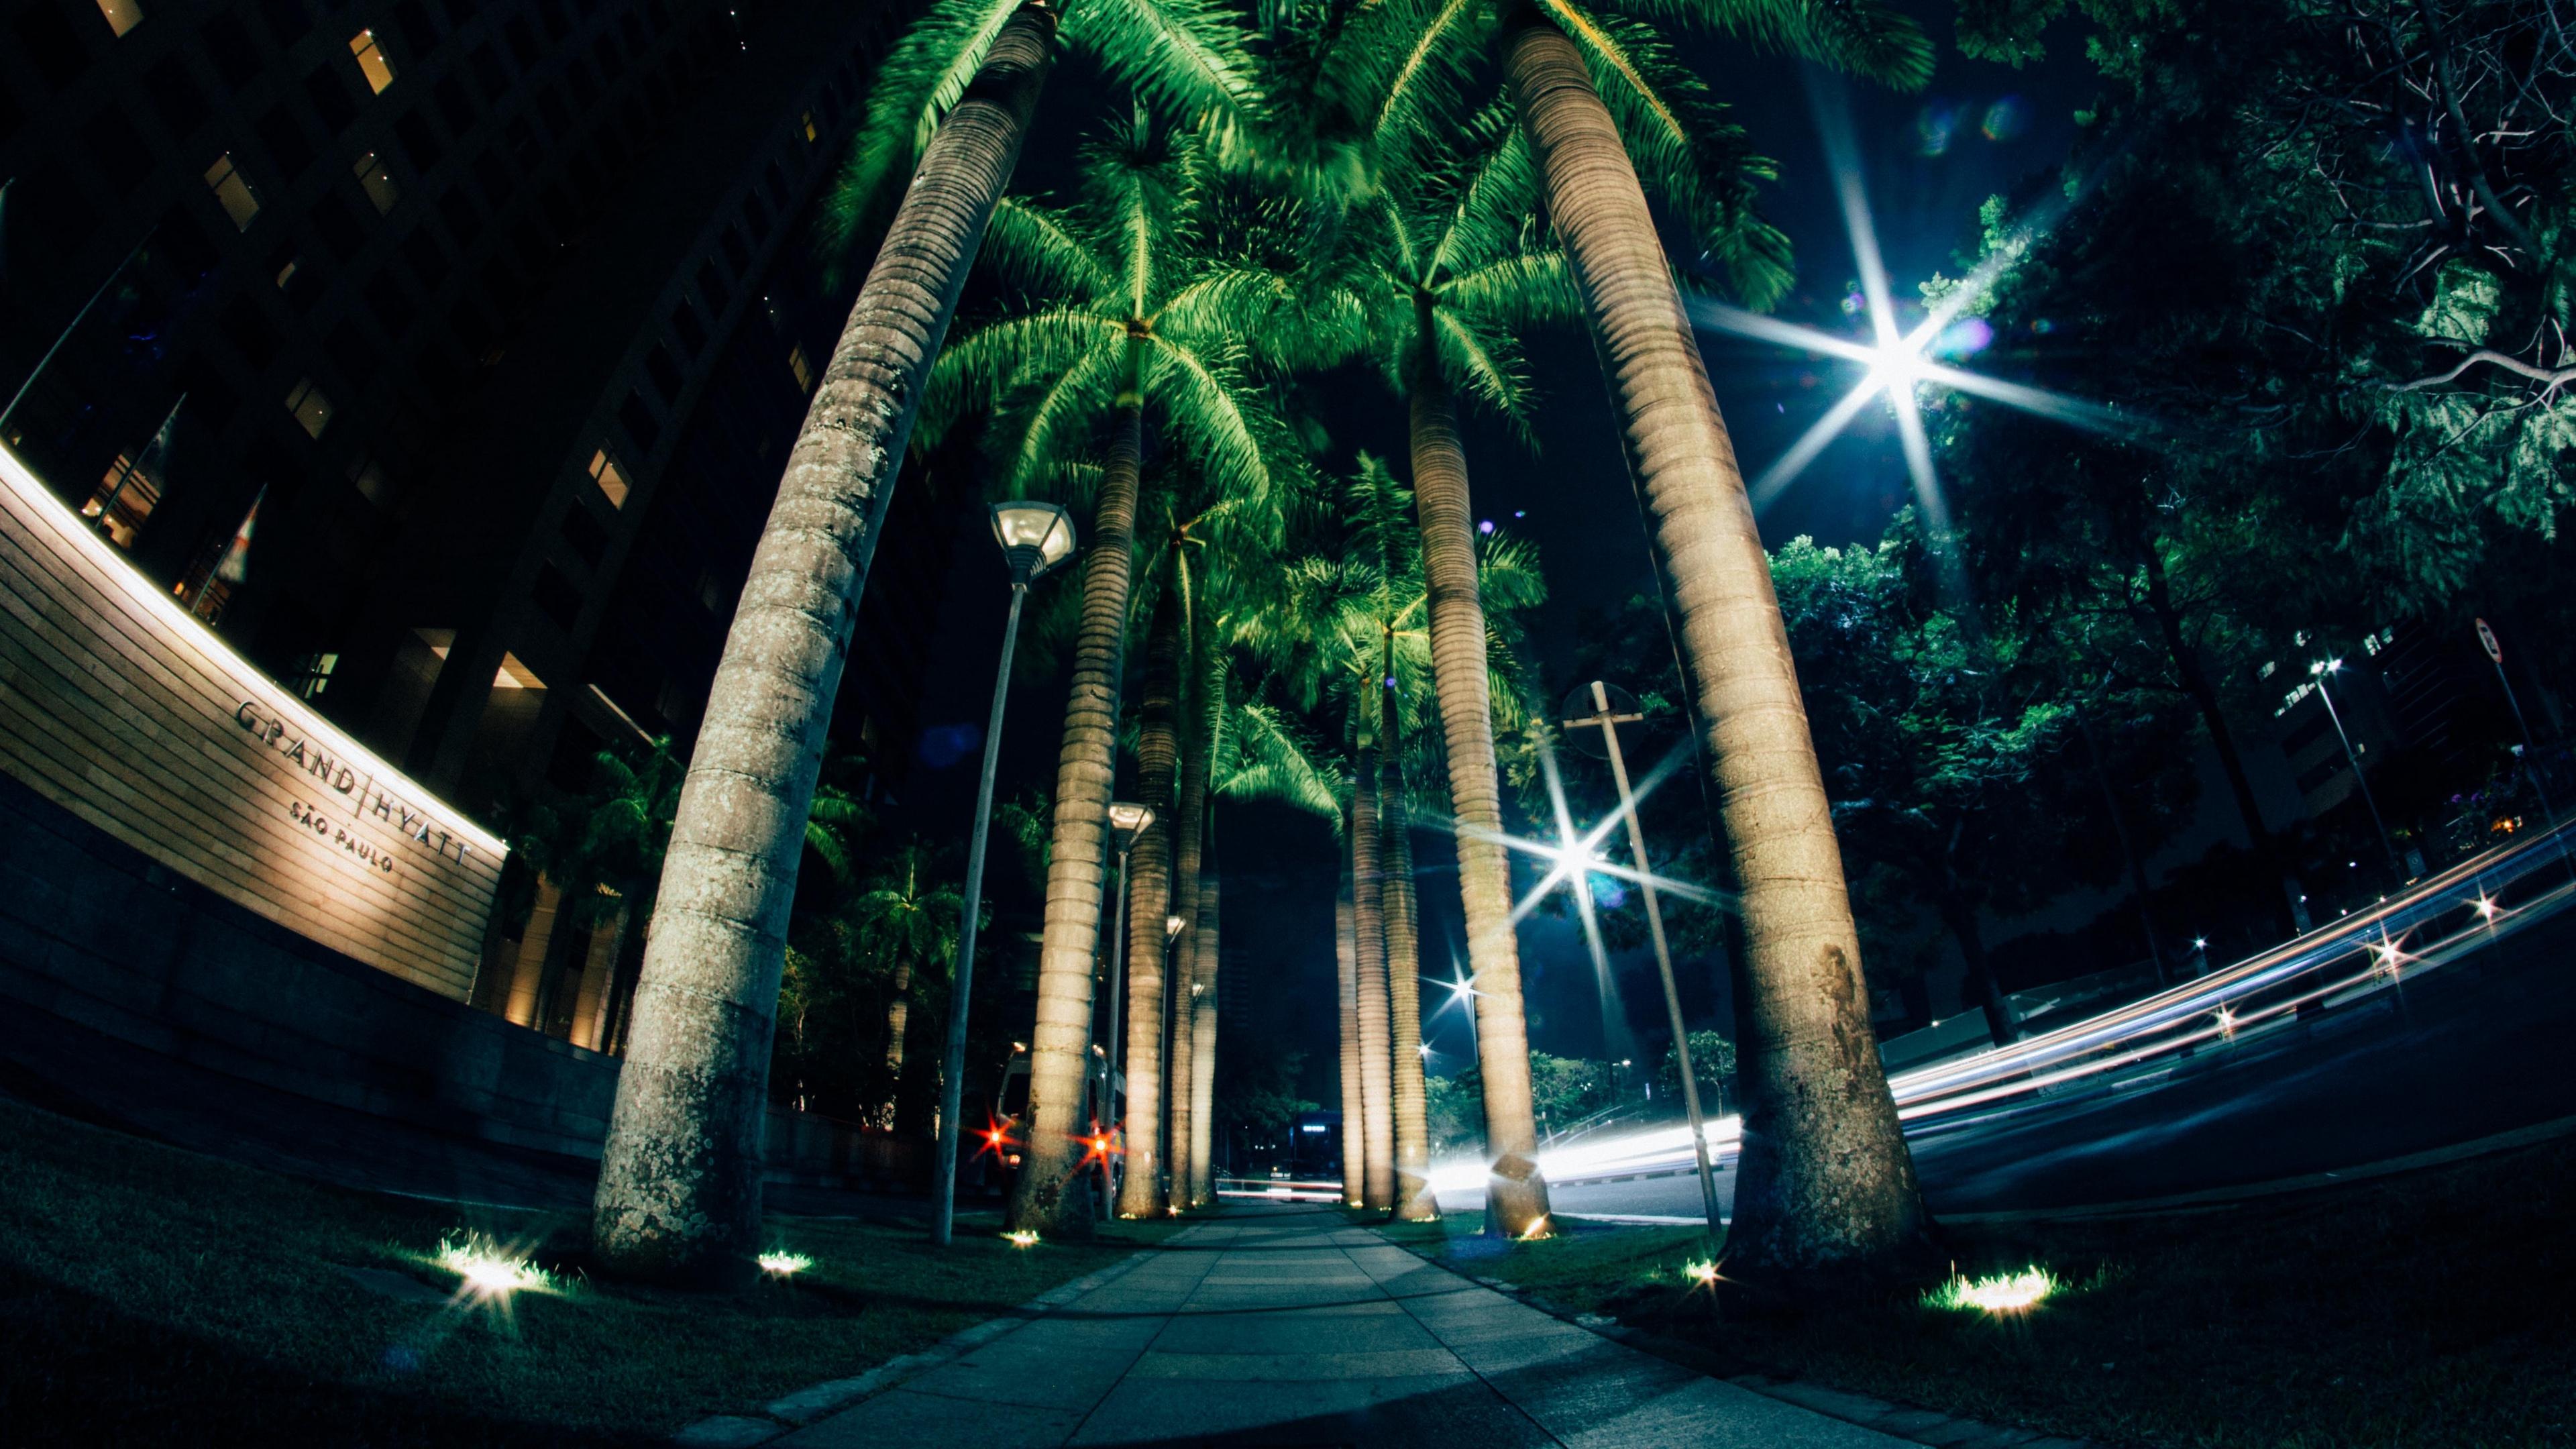 palms night street lighting 4k 1538067515 - palms, night, street, lighting 4k - Street, palms, Night